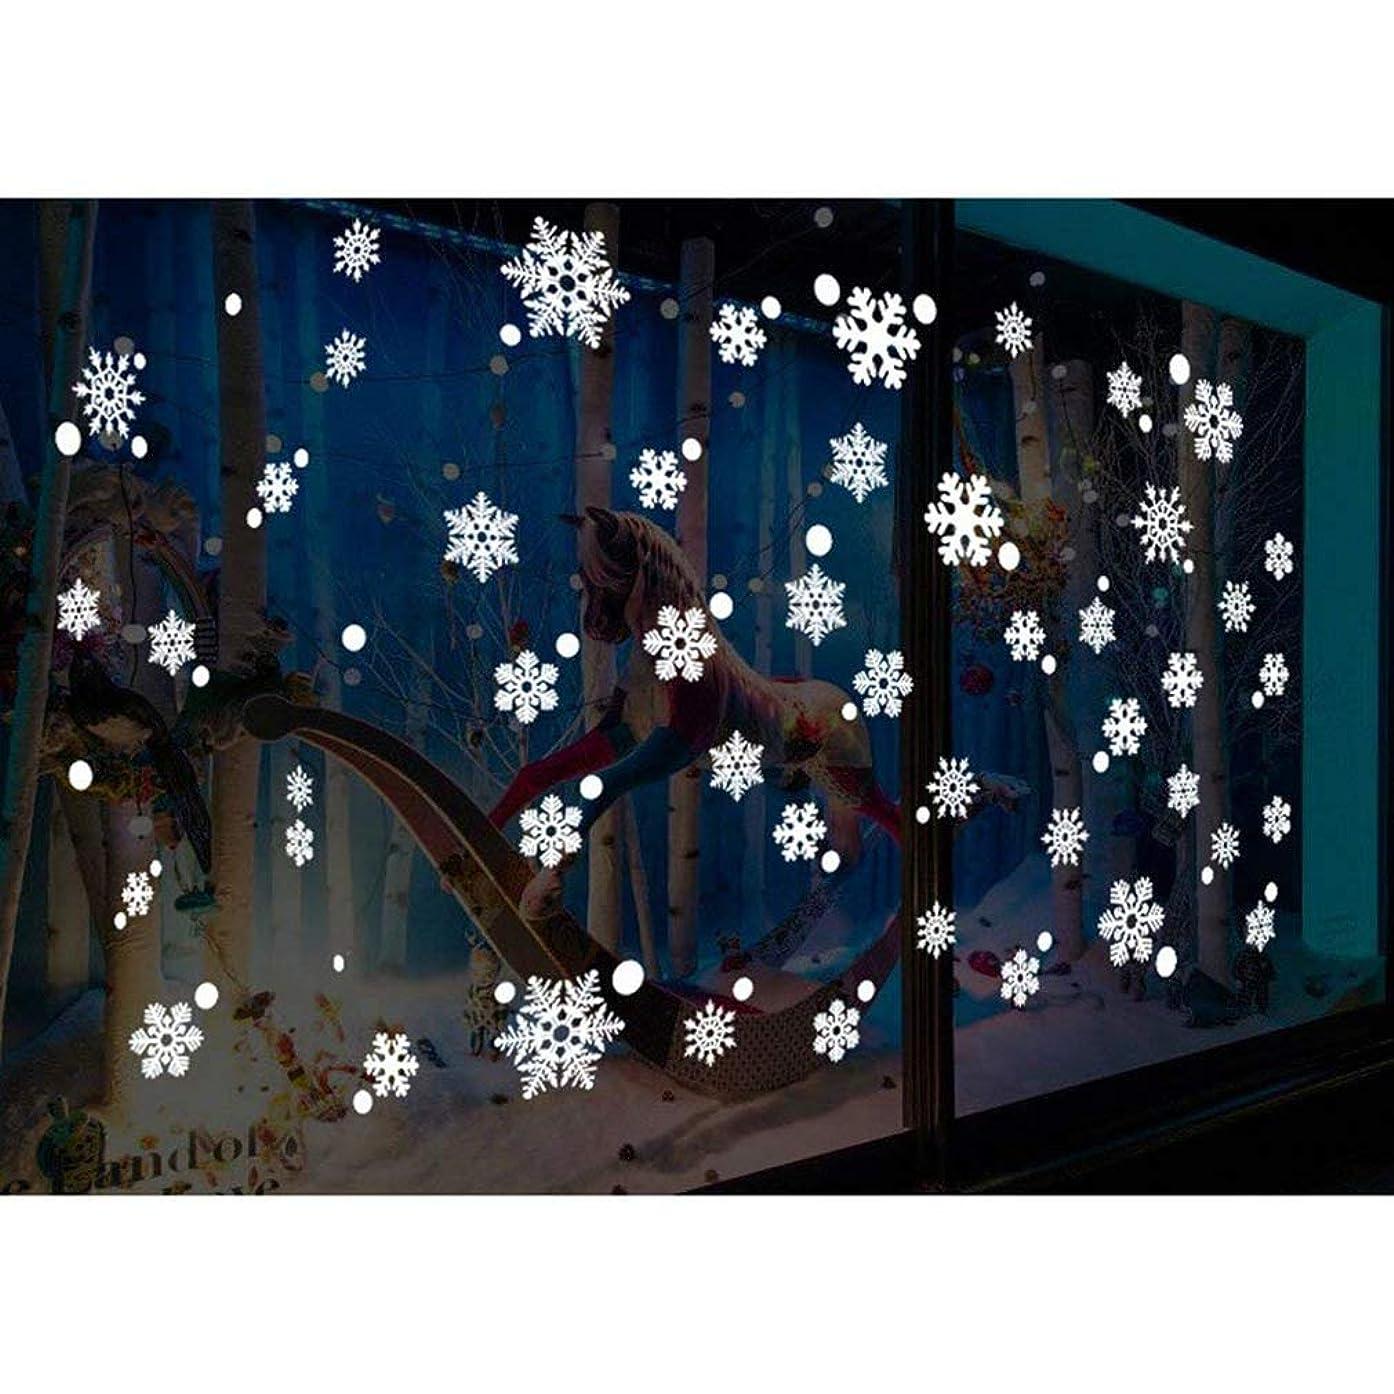 アルミニウム管理シュートMARUIKAO 壁紙シール スノーフレーク クリスマスステッカー ウォールステッカー ビニールデカール 装飾 ホーム パーティー 35*50cm